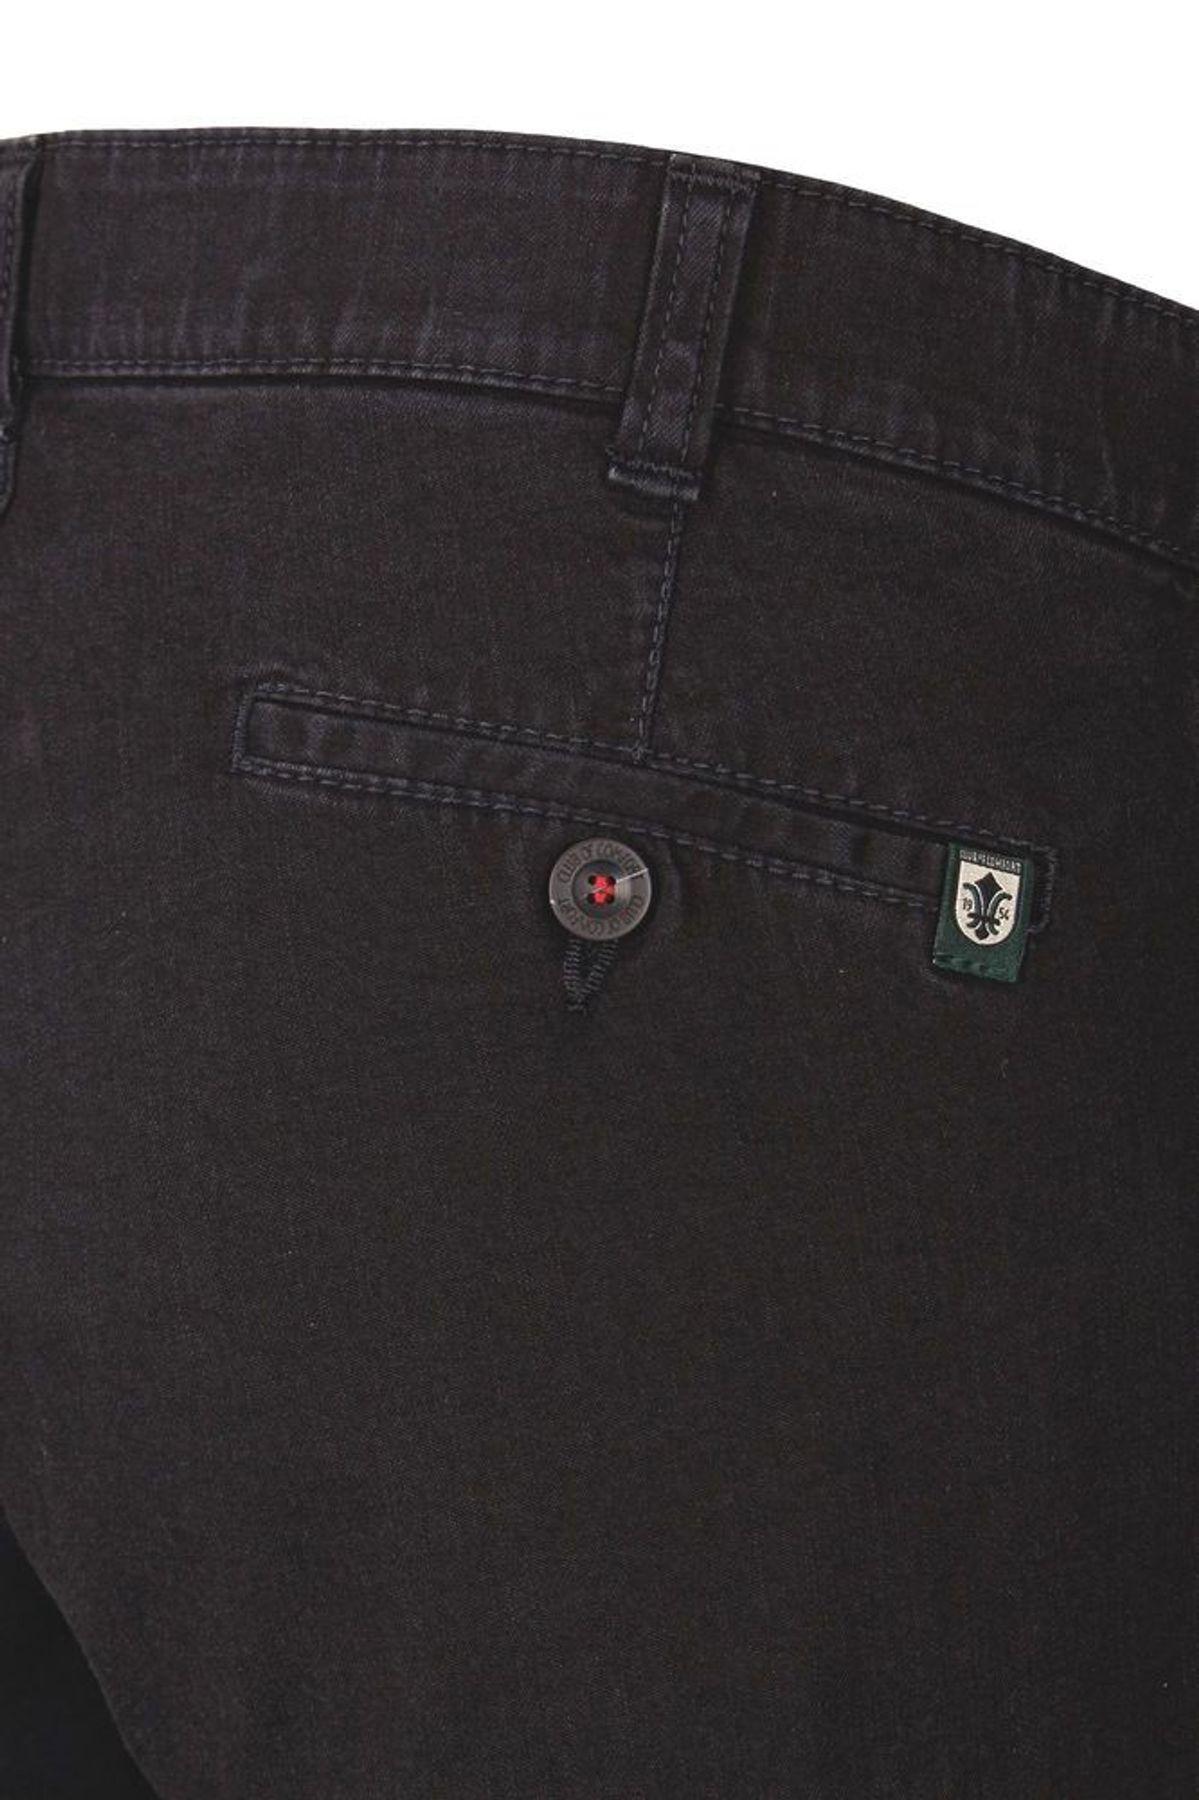 Club of Comfort - Herren Jeans Hose in verschiedenen Farbvarianten, Dallas (4631) – Bild 20